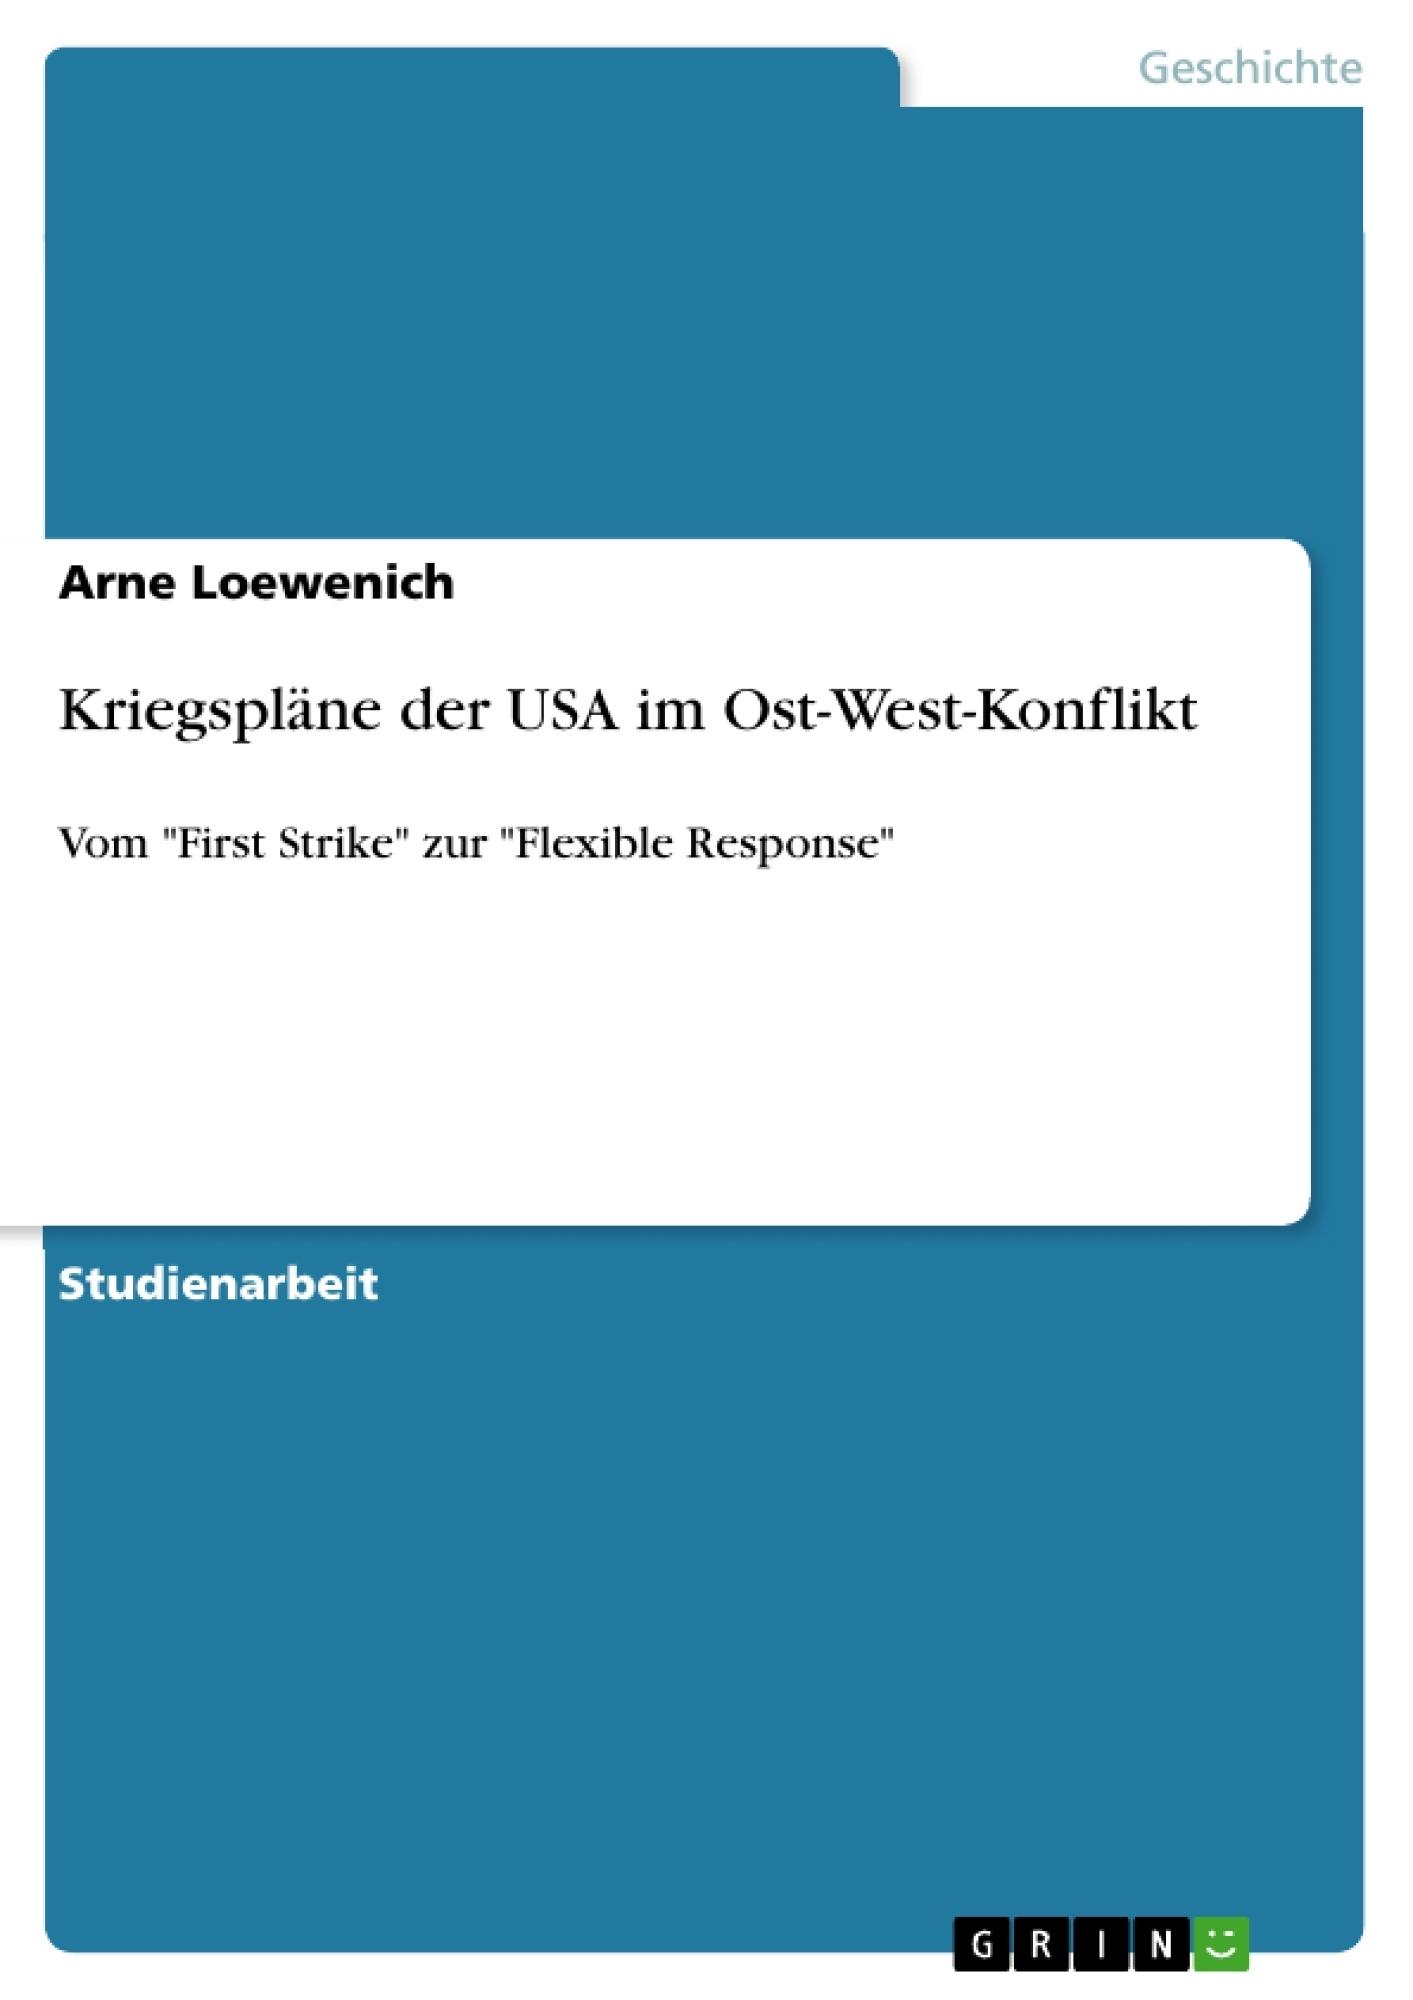 Titel: Kriegspläne der USA im Ost-West-Konflikt